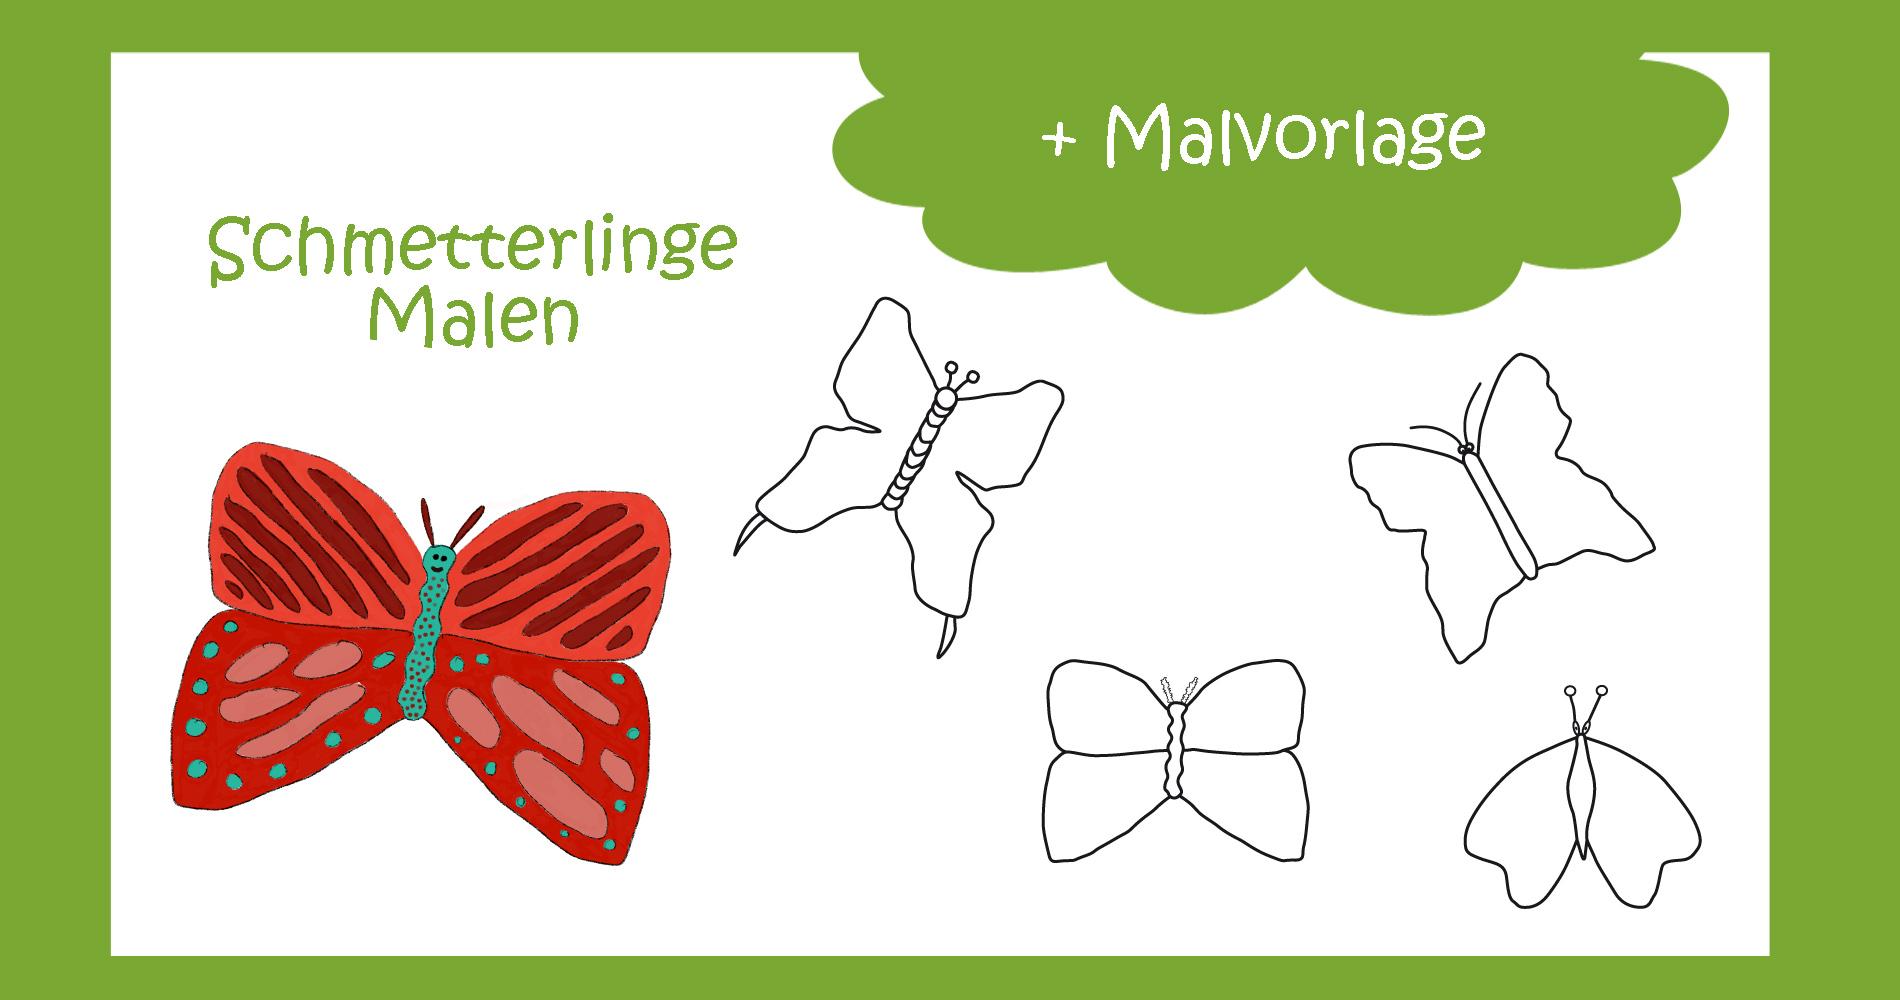 Schmetterling Malen ganz einfach - kreativsein.blog